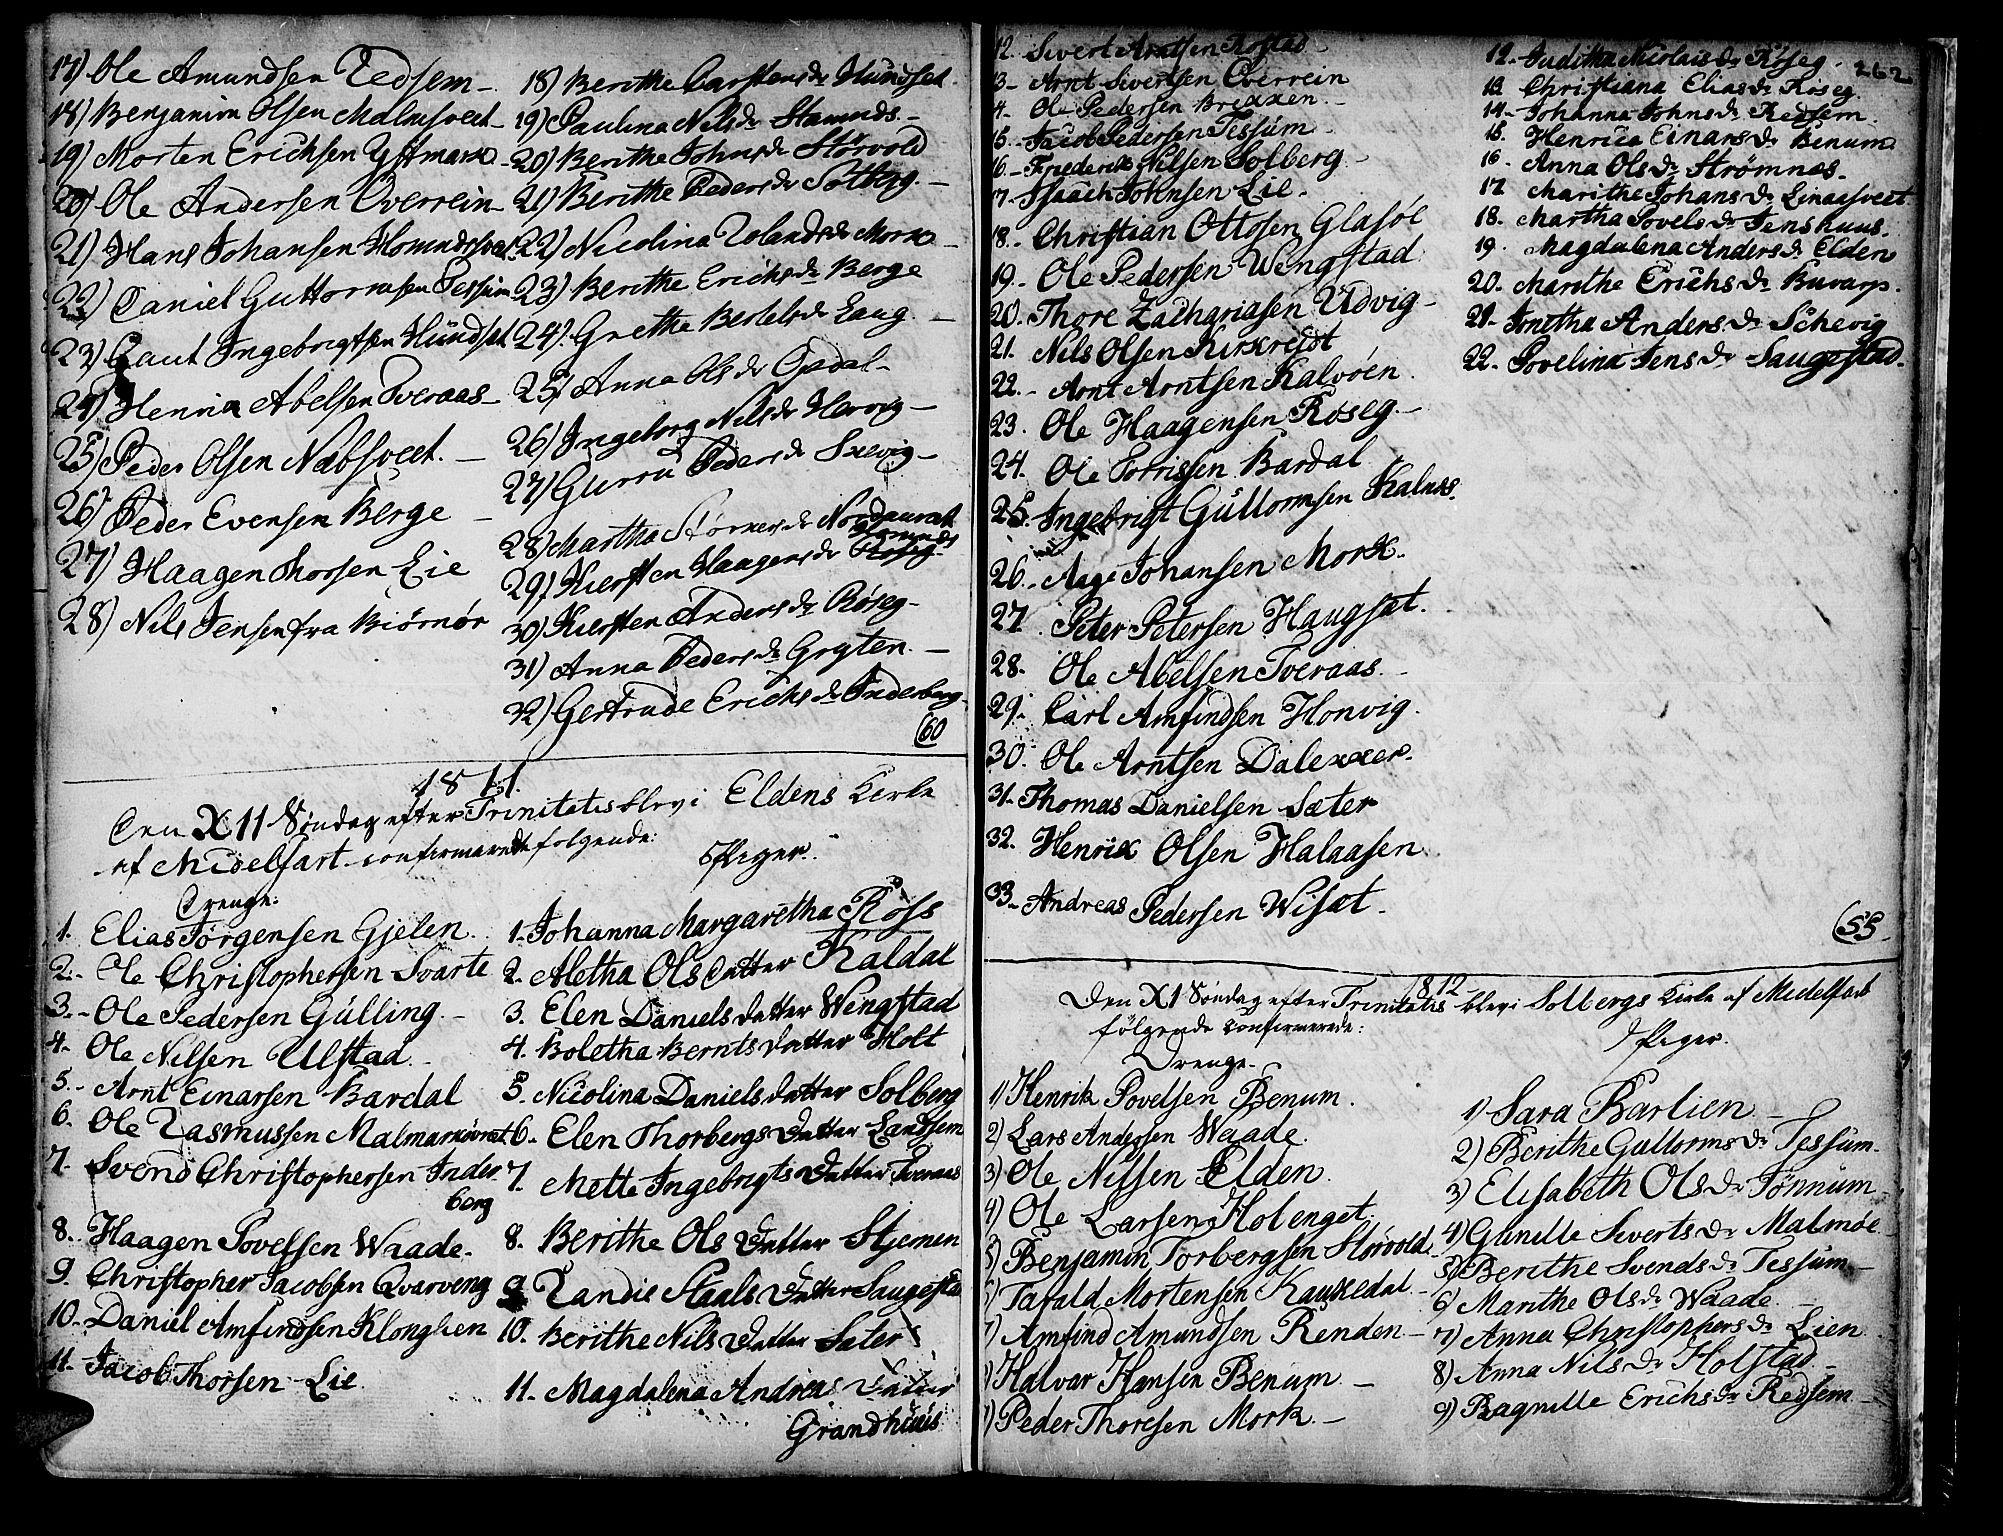 SAT, Ministerialprotokoller, klokkerbøker og fødselsregistre - Nord-Trøndelag, 741/L0385: Ministerialbok nr. 741A01, 1722-1815, s. 262